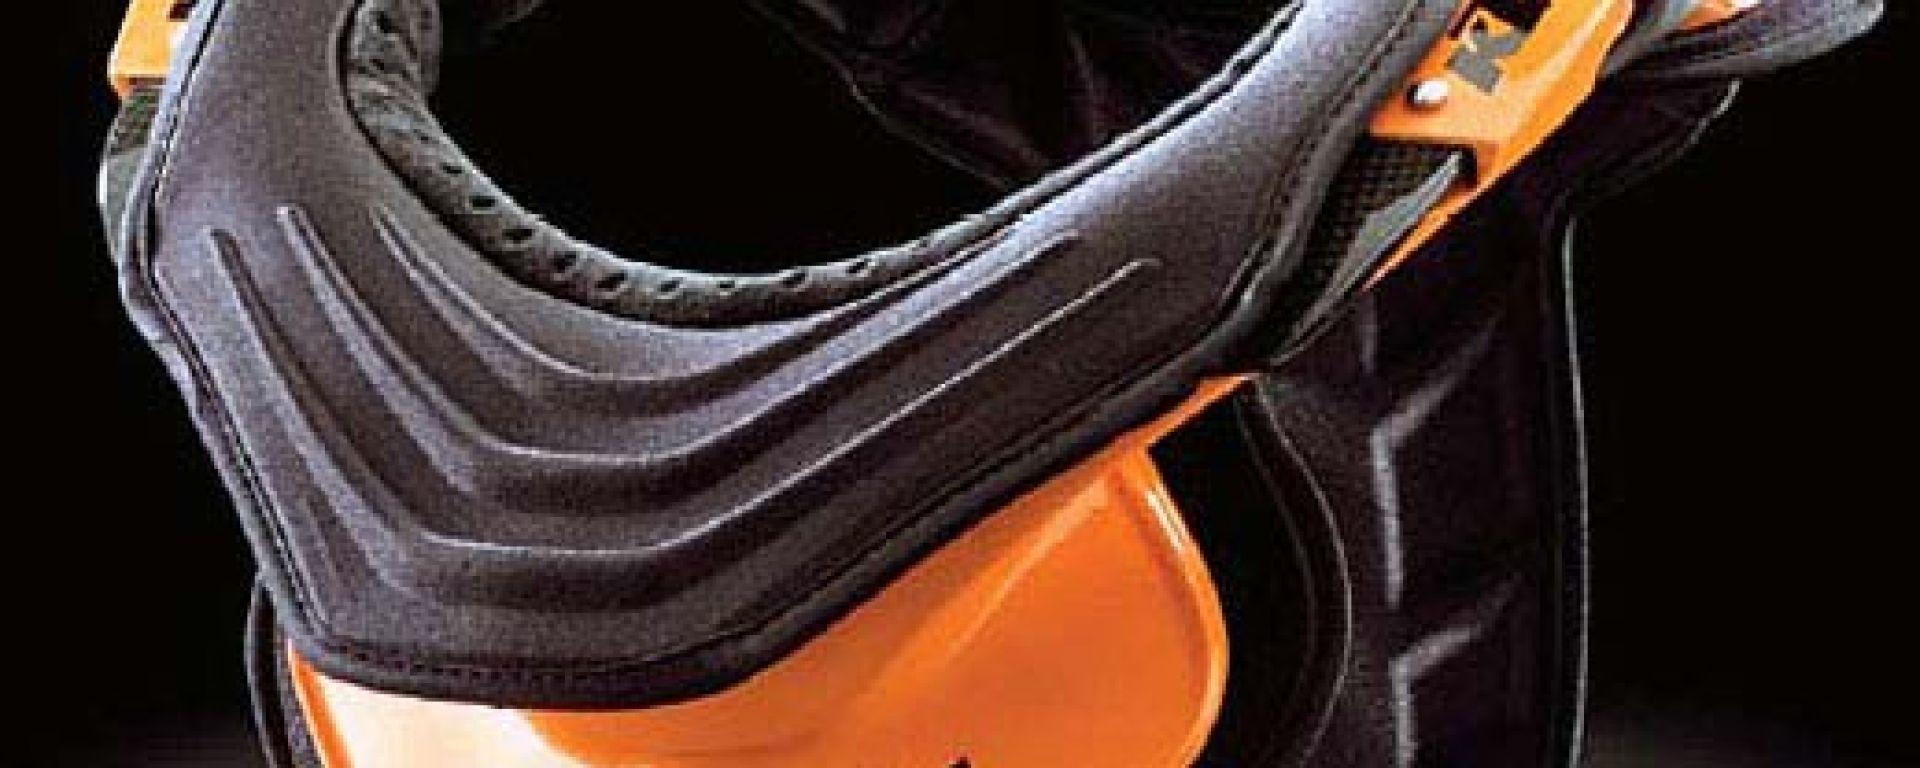 SICUREZZA: KTM Neck Brace il casco per il collo